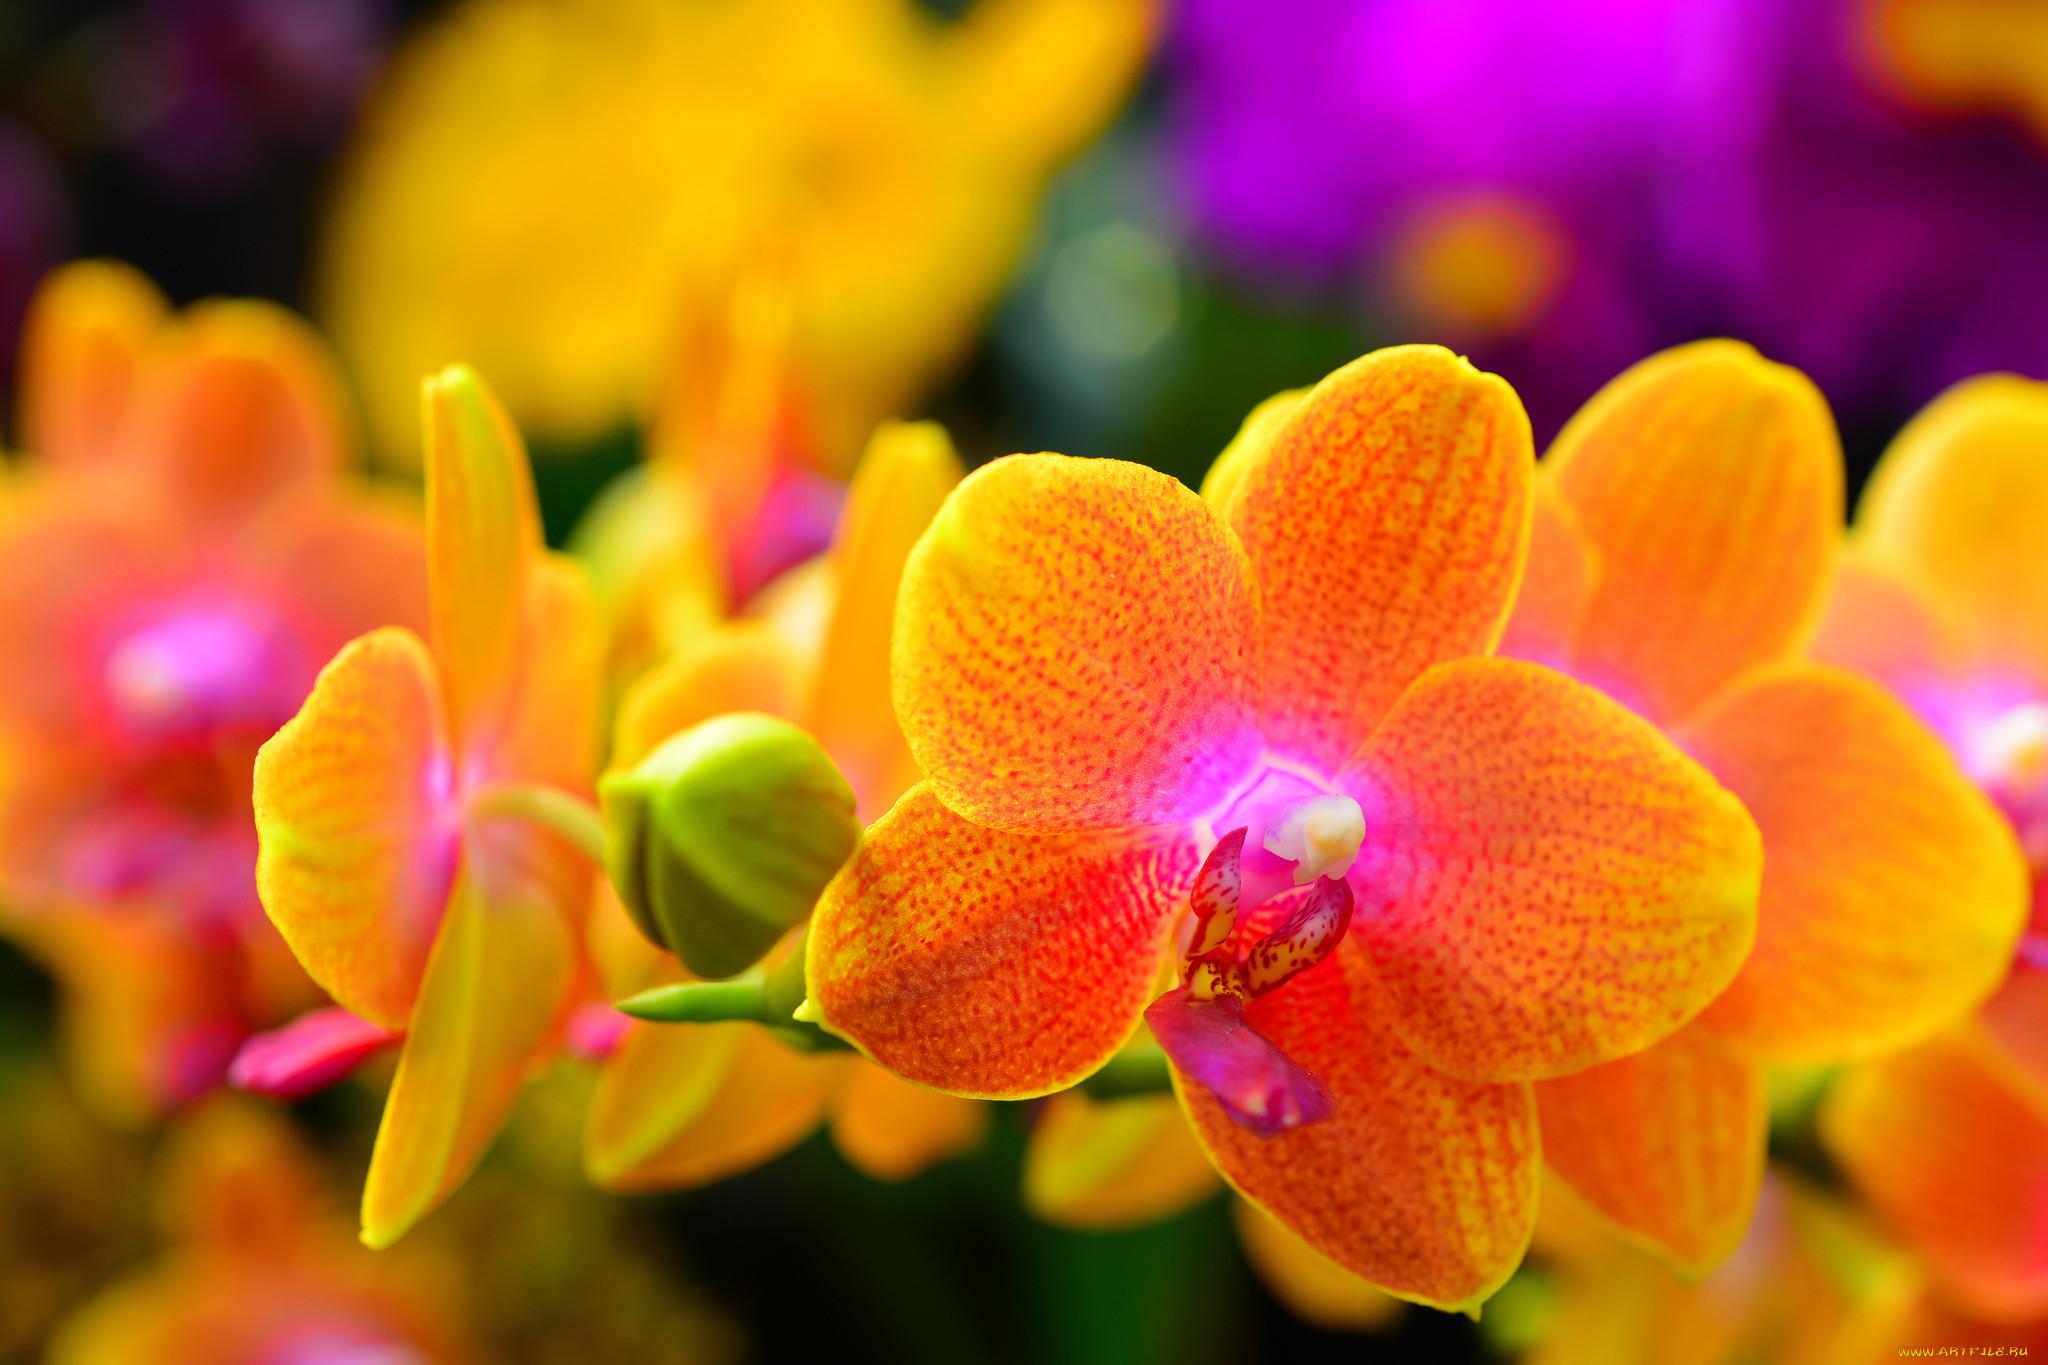 фото цветов для печати высокого качества копилке больше